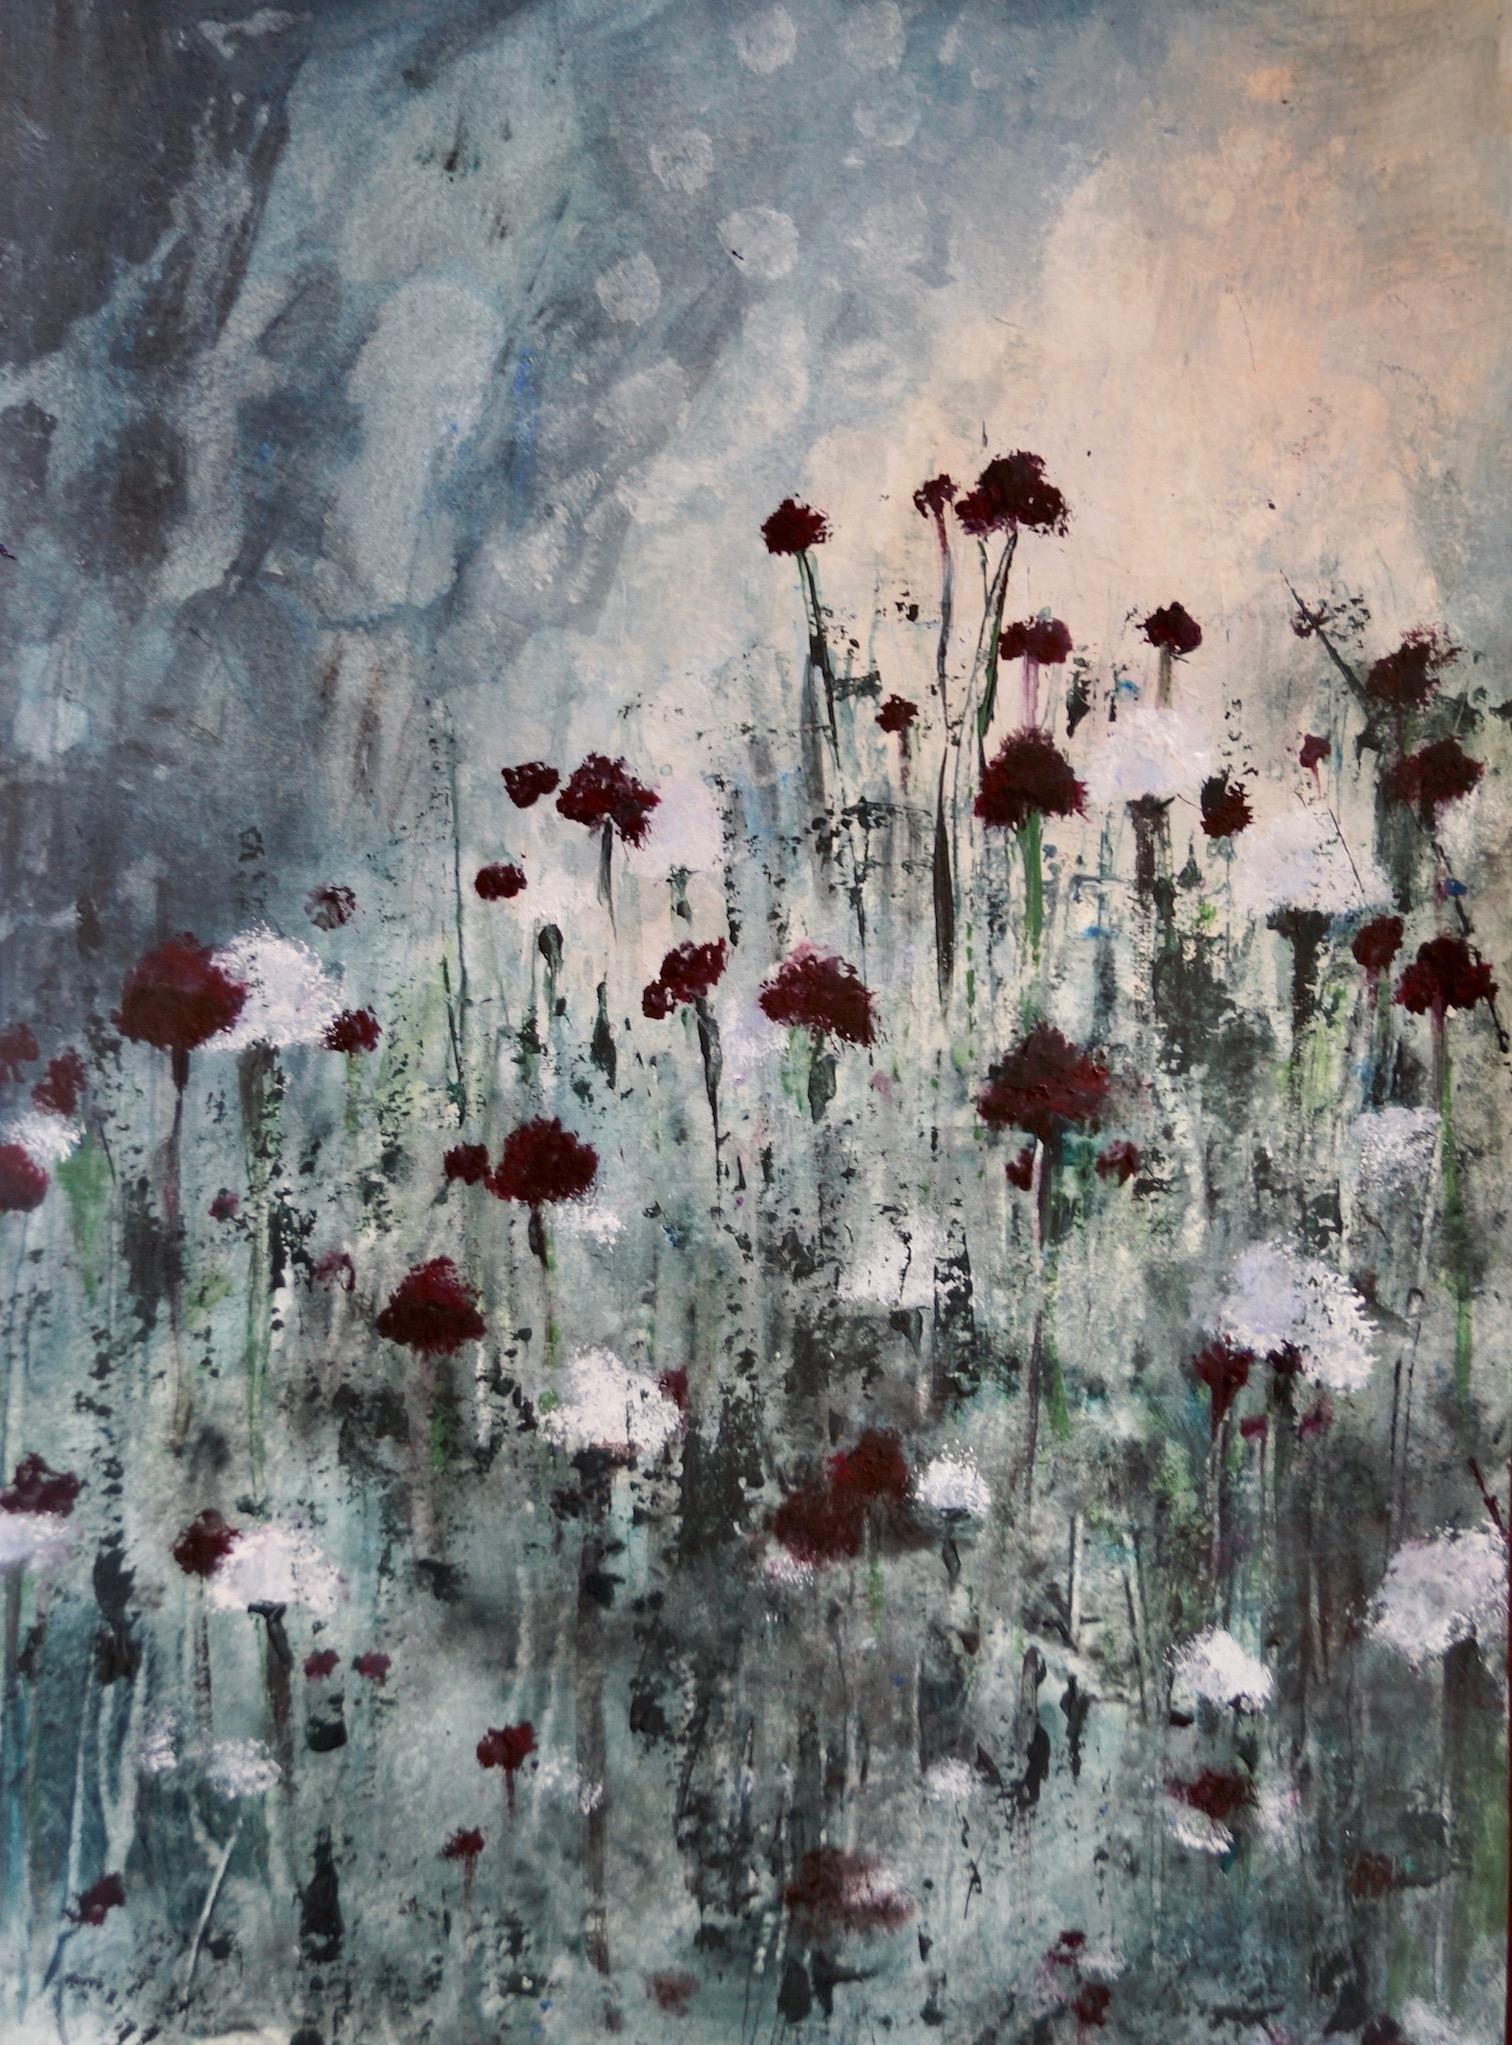 Lindsay Higa, Wildflowers 1